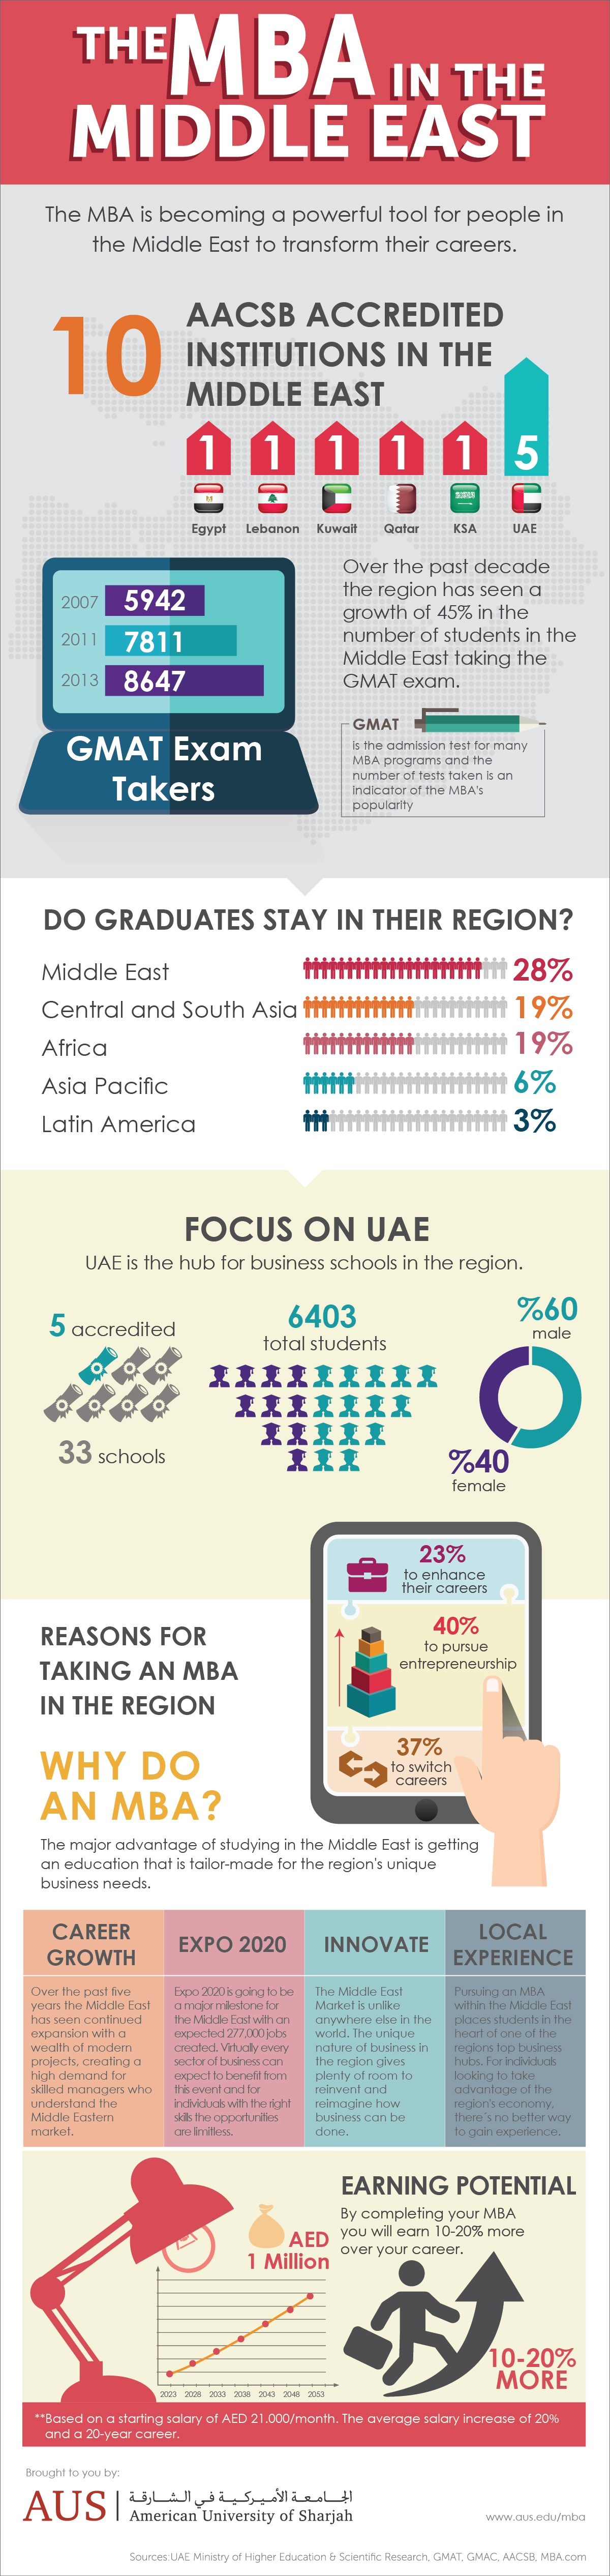 AUS_MBA_Infographic